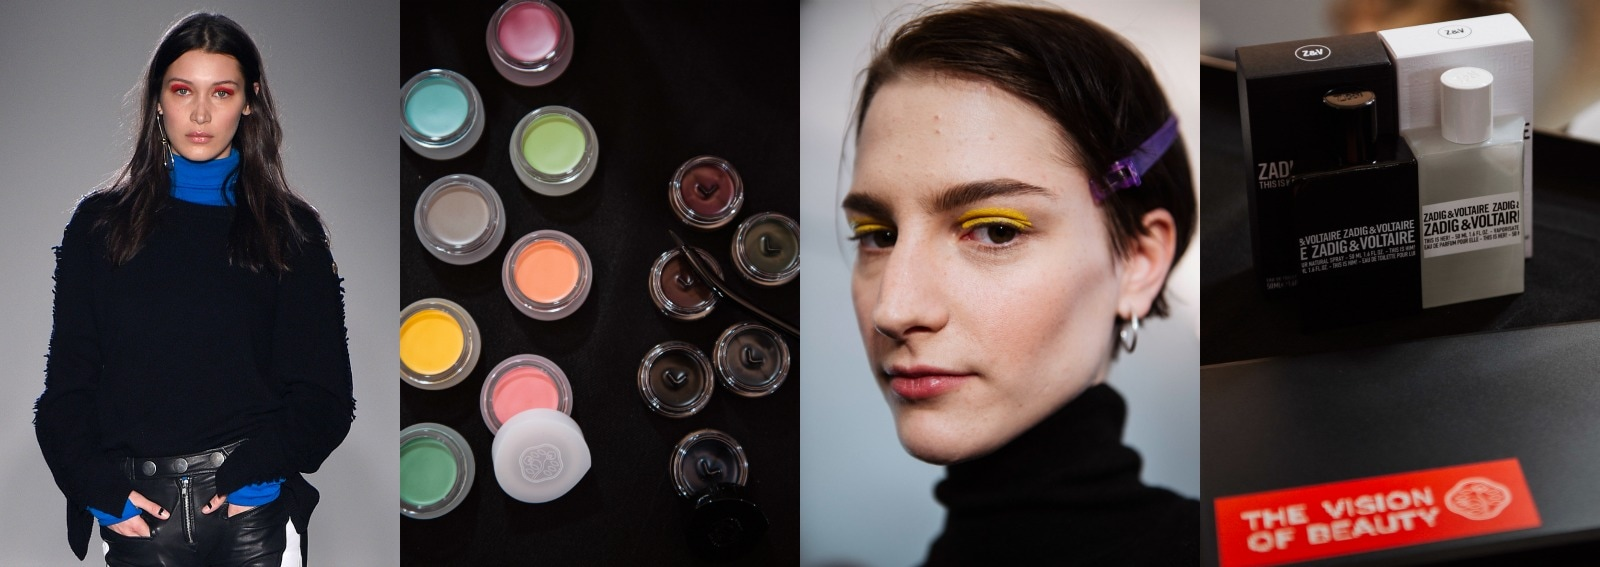 zadig-&-voltaire-sfilata-autunno-inverno-2017-make-up-shiseido-cover destop 01